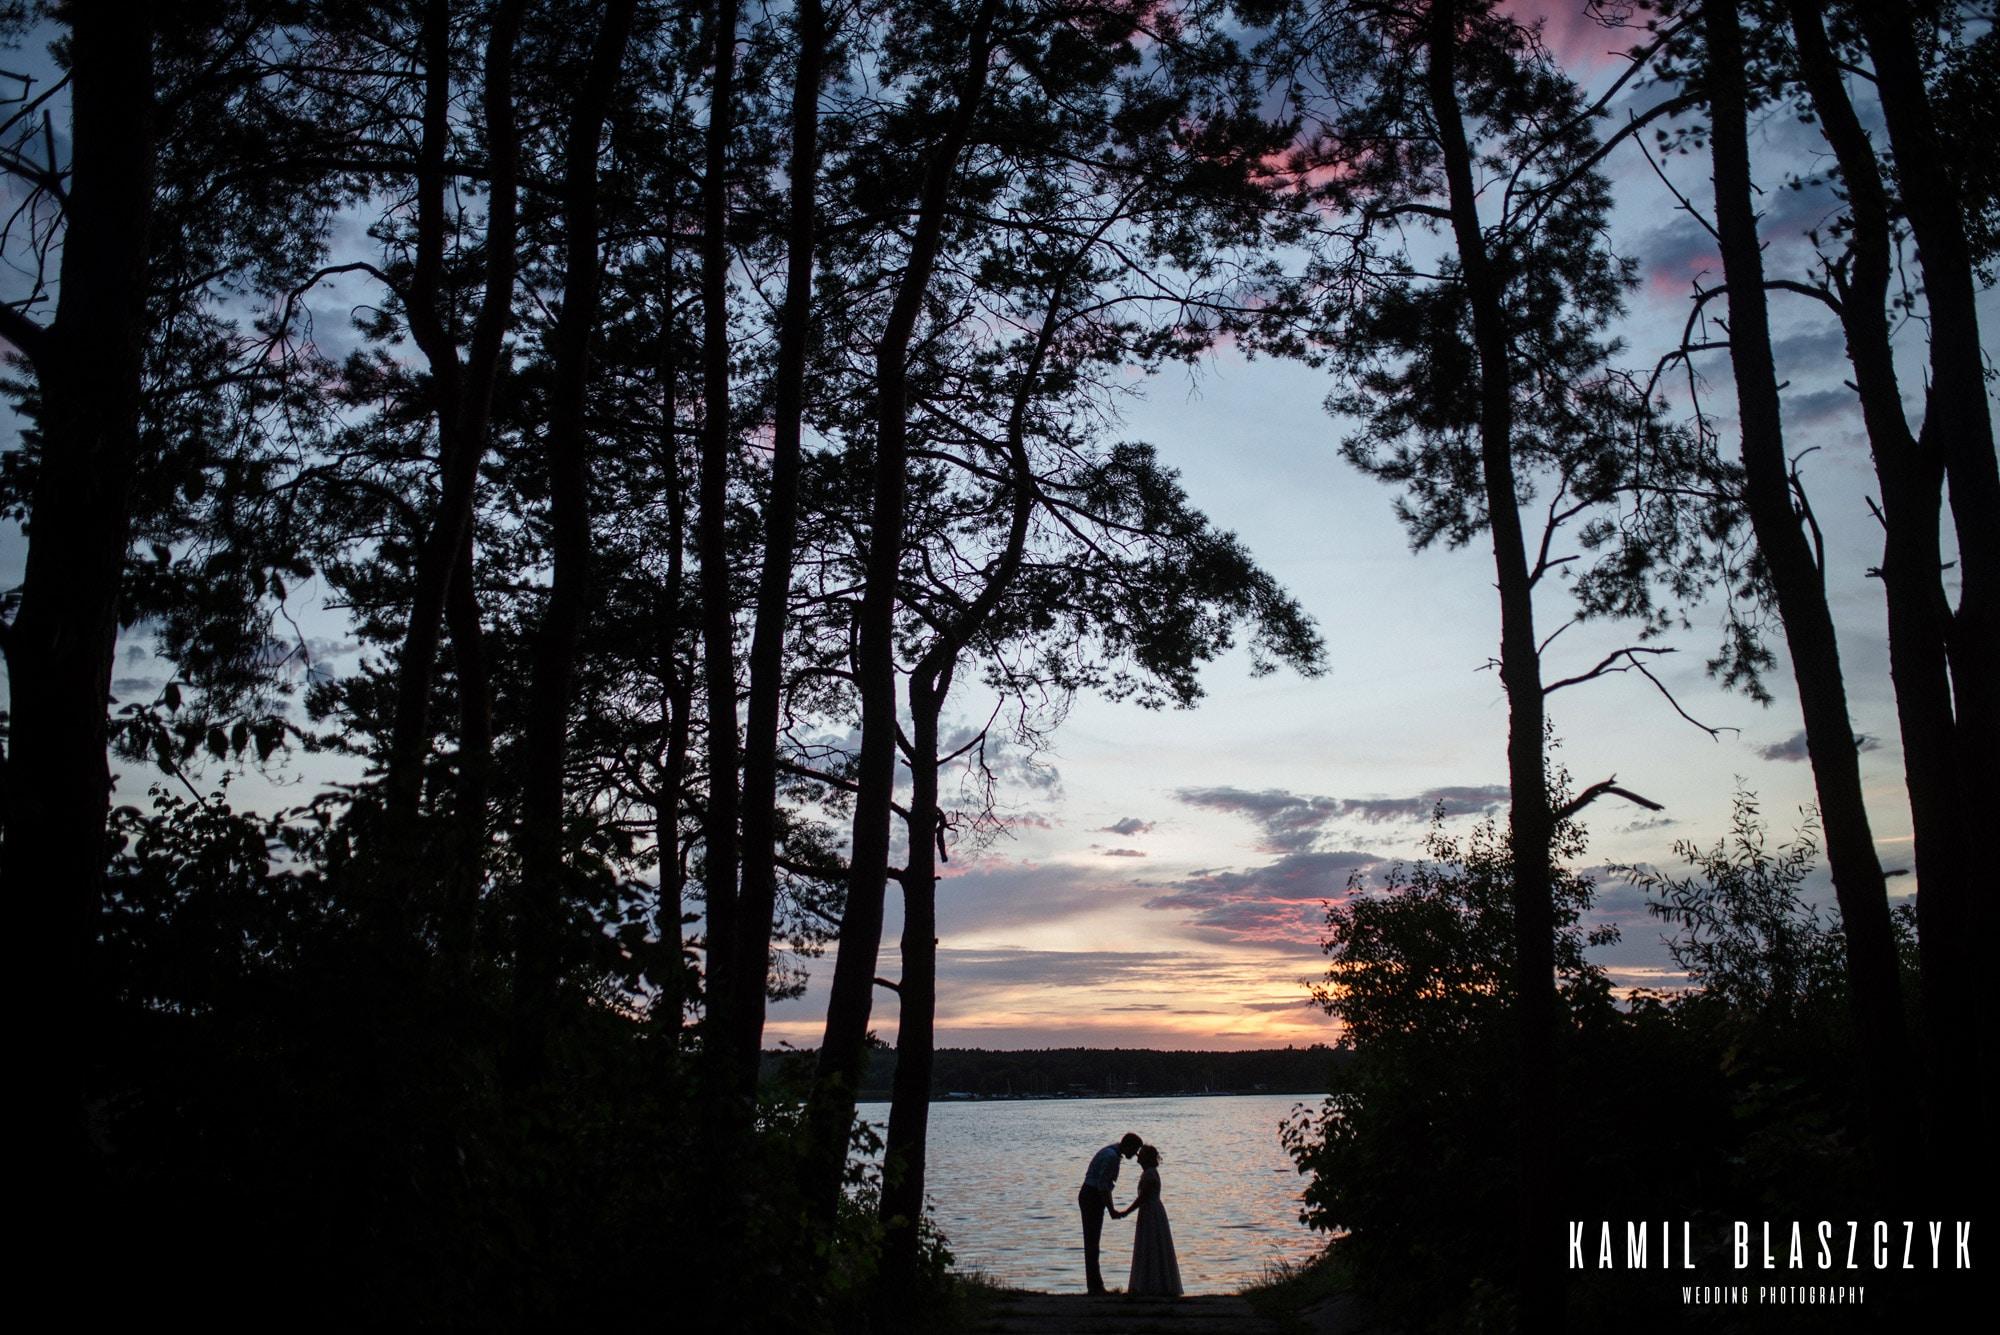 Poradnik sesja ślubna przy zachodzie słońca